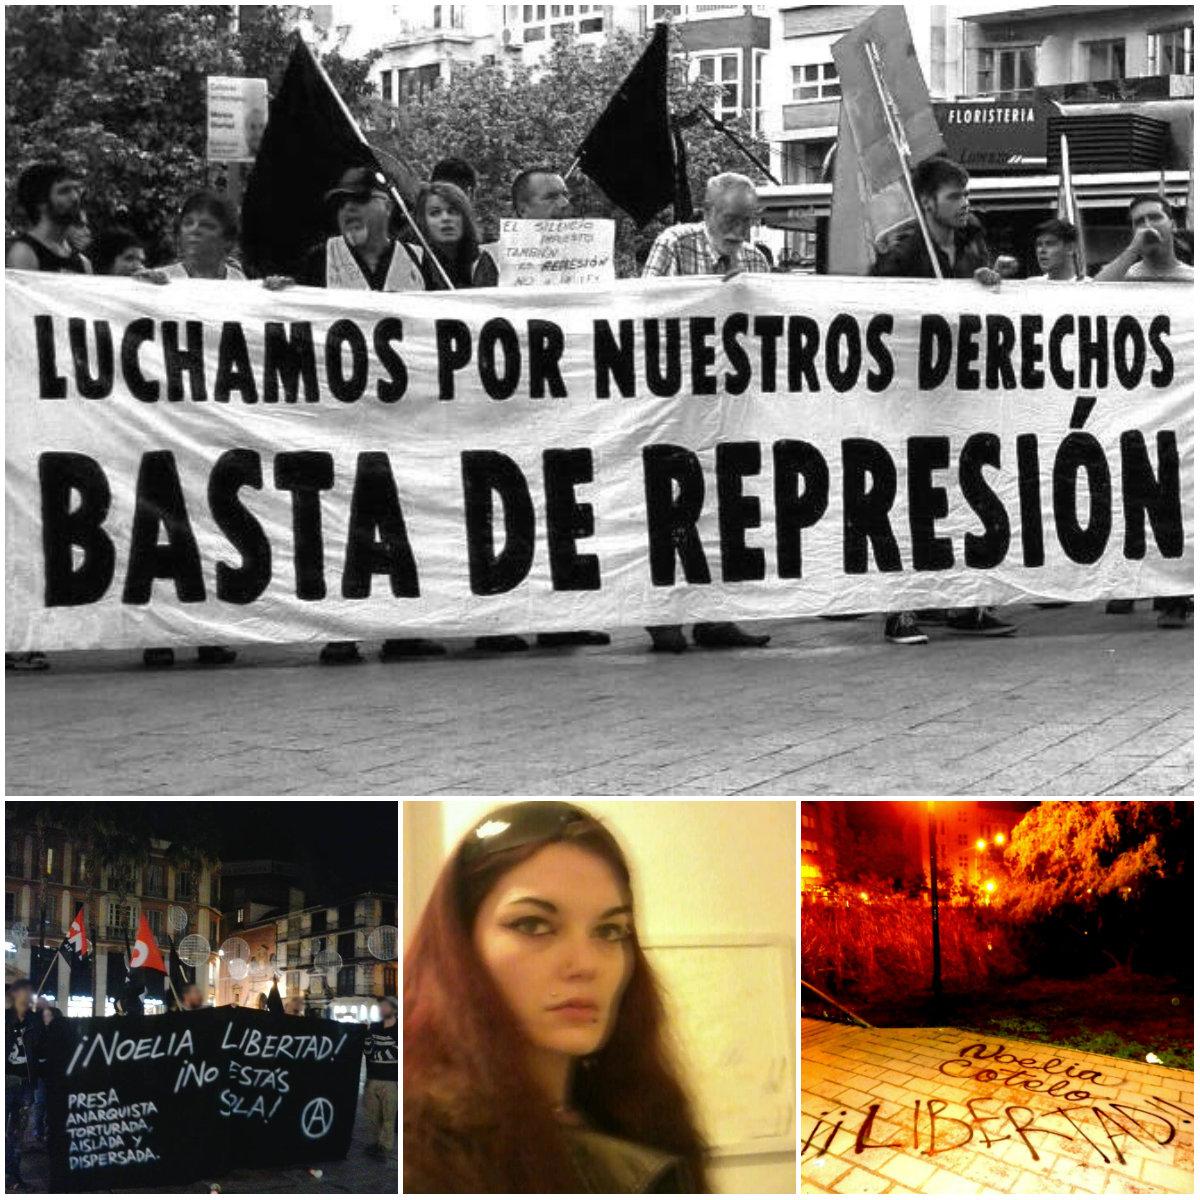 Ayer se realizó en Murcia una concentración por la compañera Noelia Cotelo, símbolo del encarnizamiento del estado español contra los que luchan